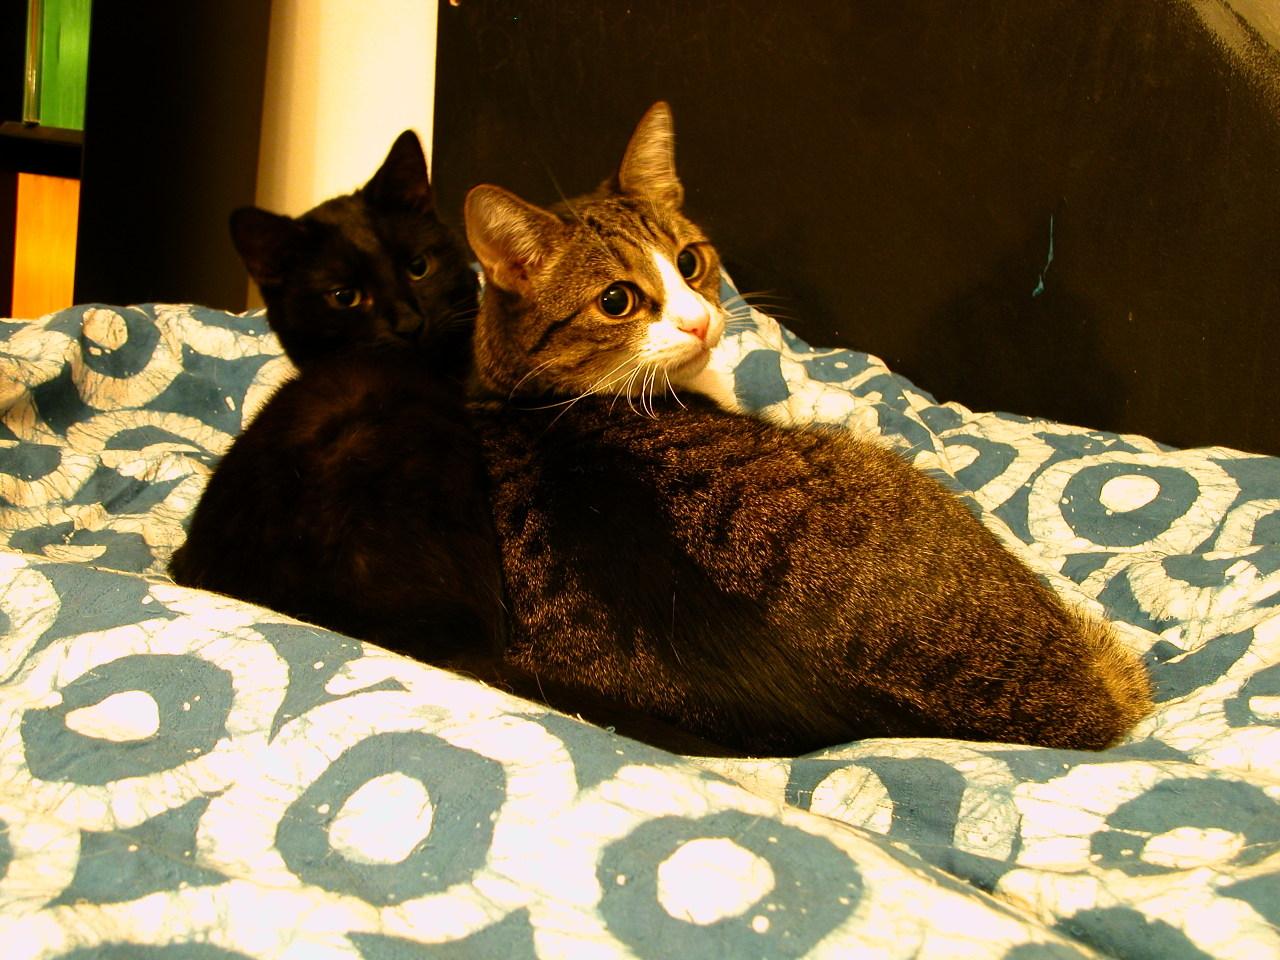 Nouria und Dabsch 4.12.2006 #cats#nouria#dabsch#black cat#chat noir#katzen#kater#cat content#gatti#chats#memories#schwarze katze